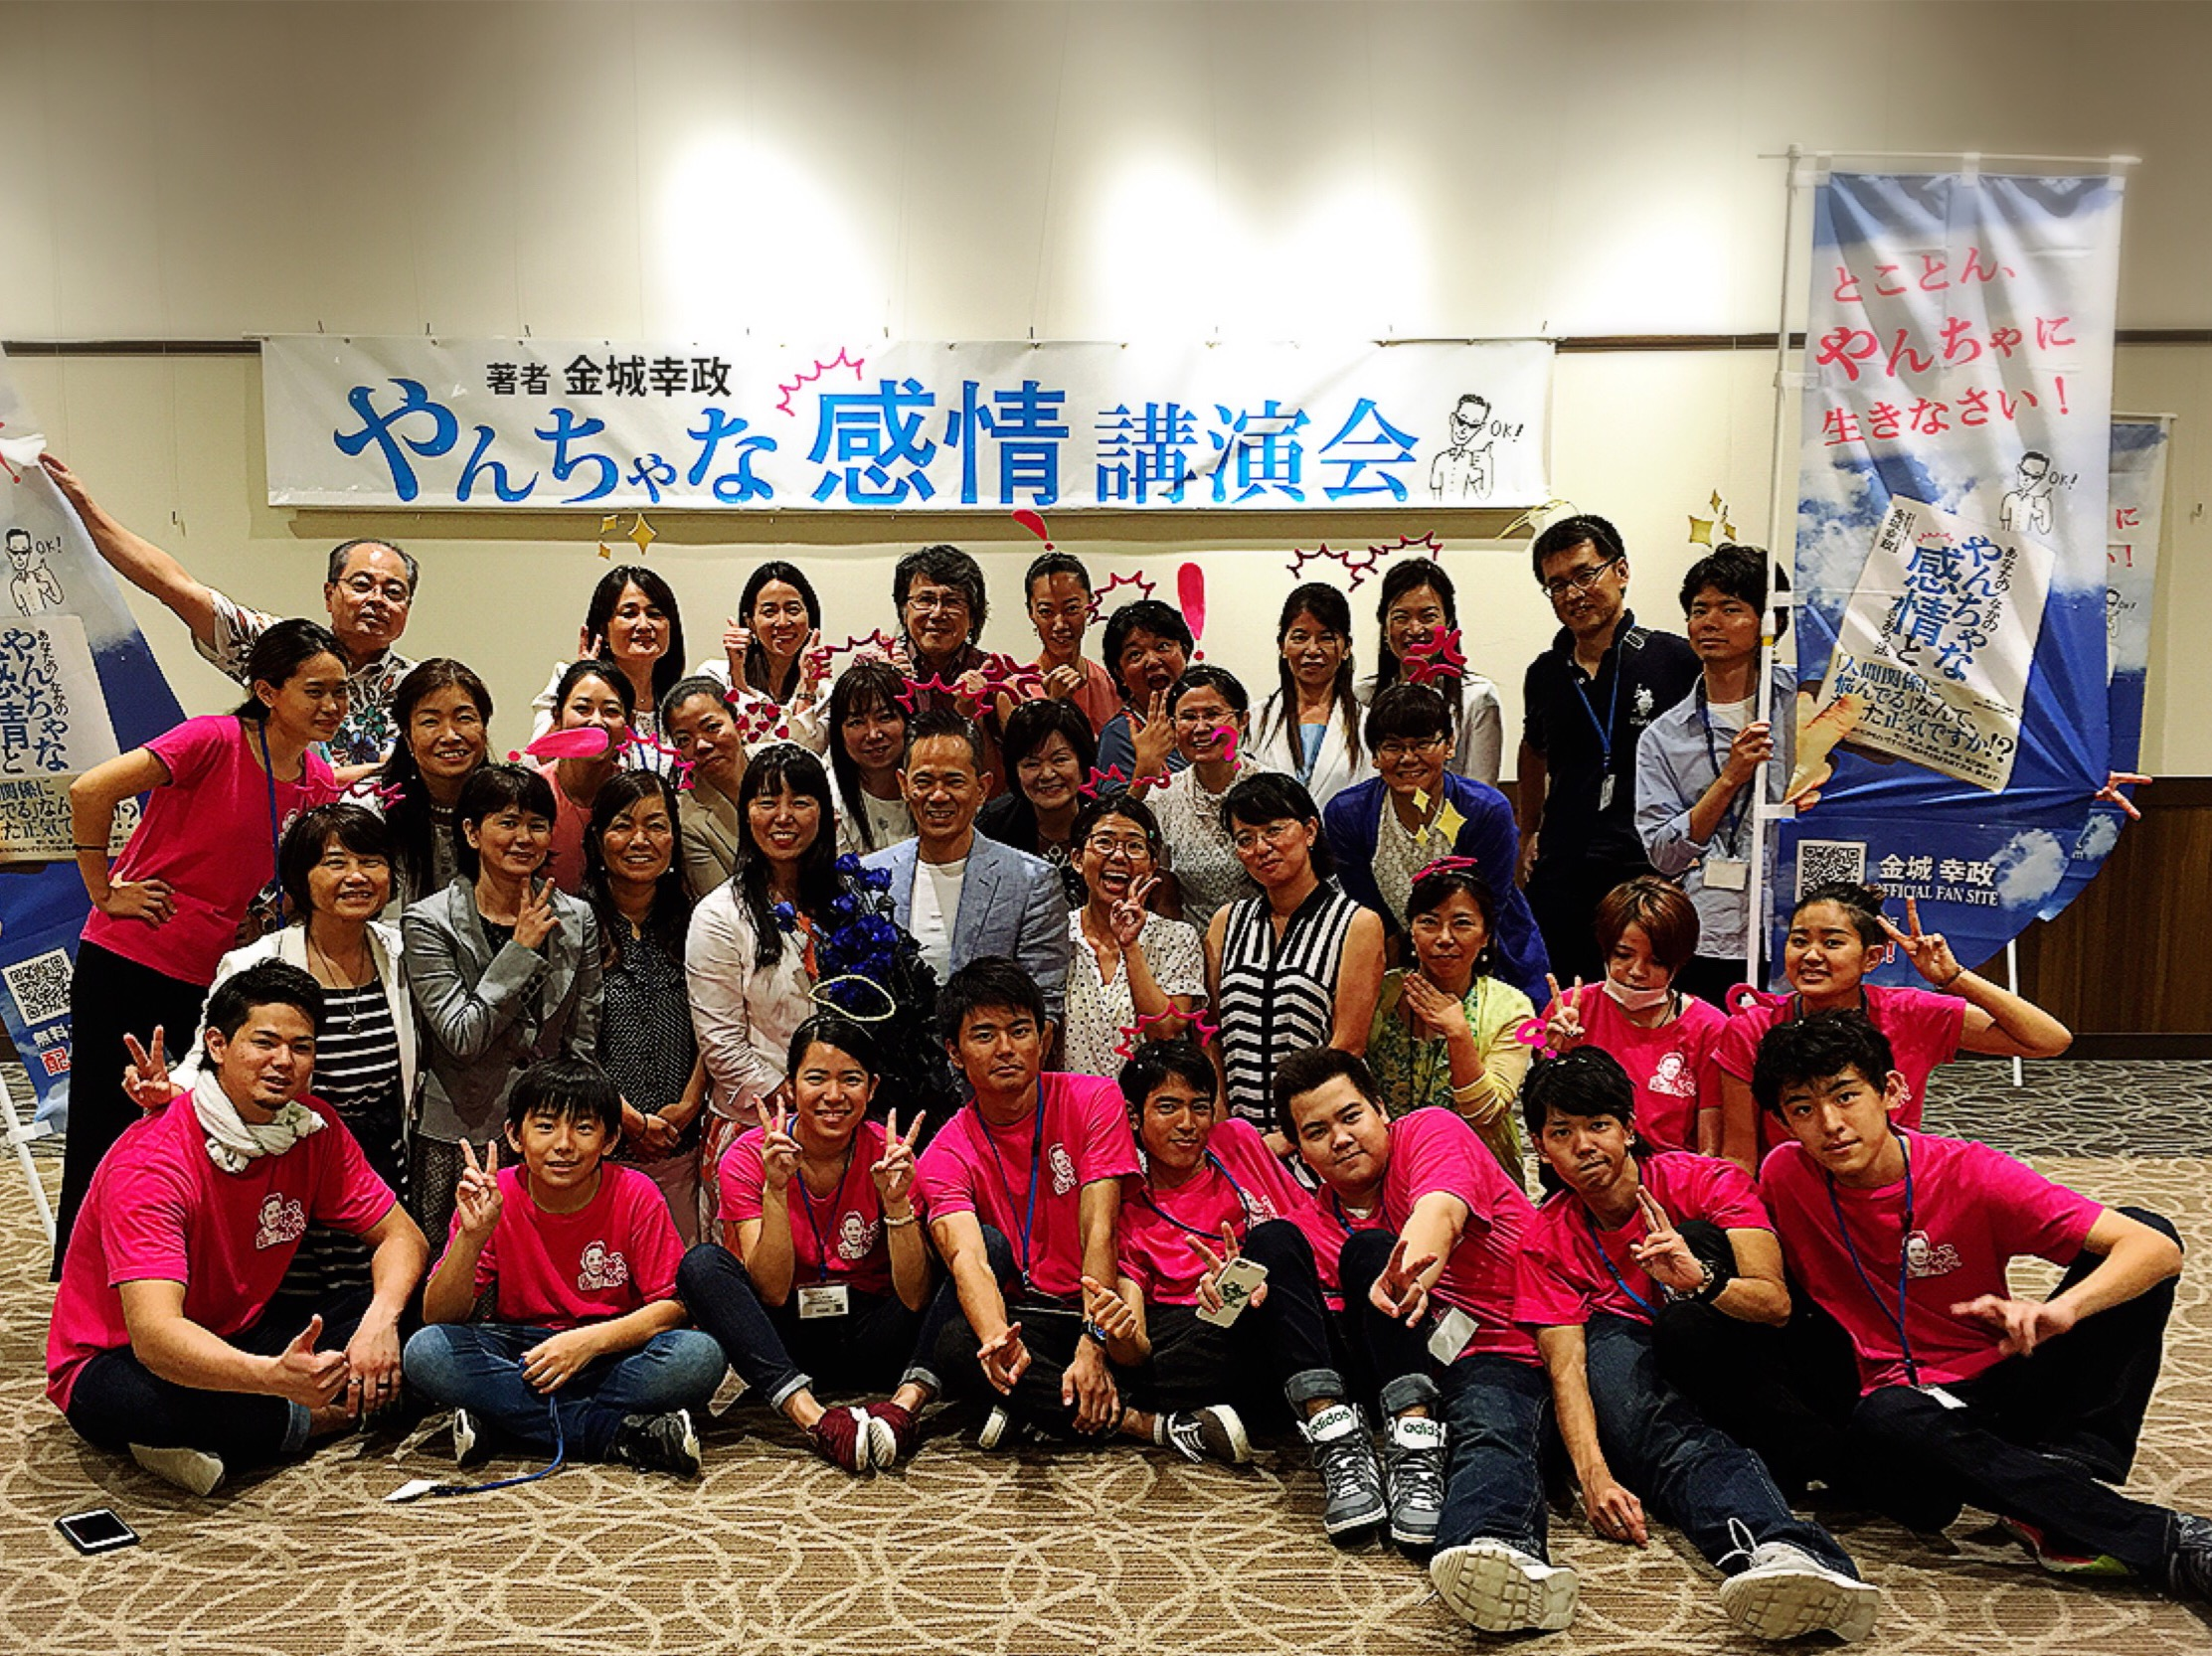 三世代❣️ やんちゃな講演会サポートスタッフ? 朝からみんなで会場づくり。 片付けまでありがとうございました。 つぎは、東京出版記念講演会❣️です。